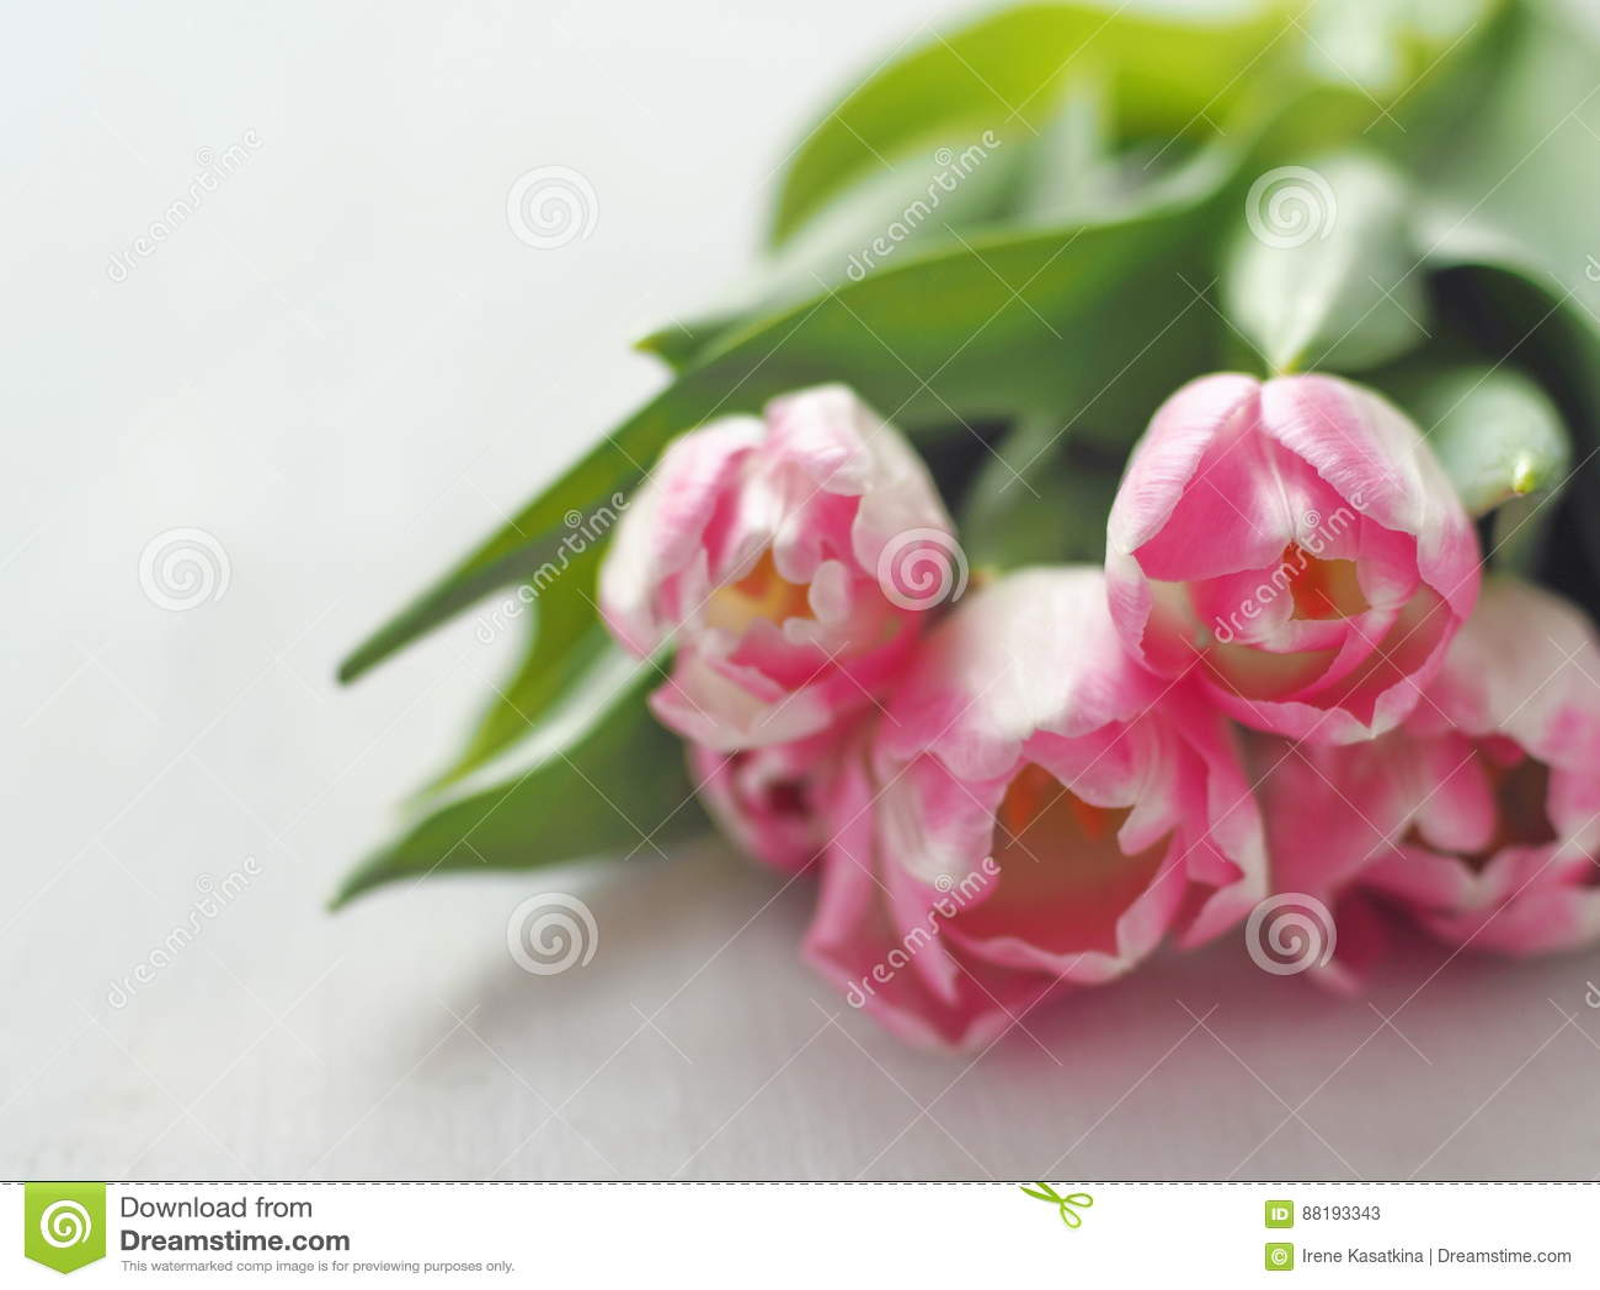 cinq tulipes roses disposées sur la table en bois blanche fond de